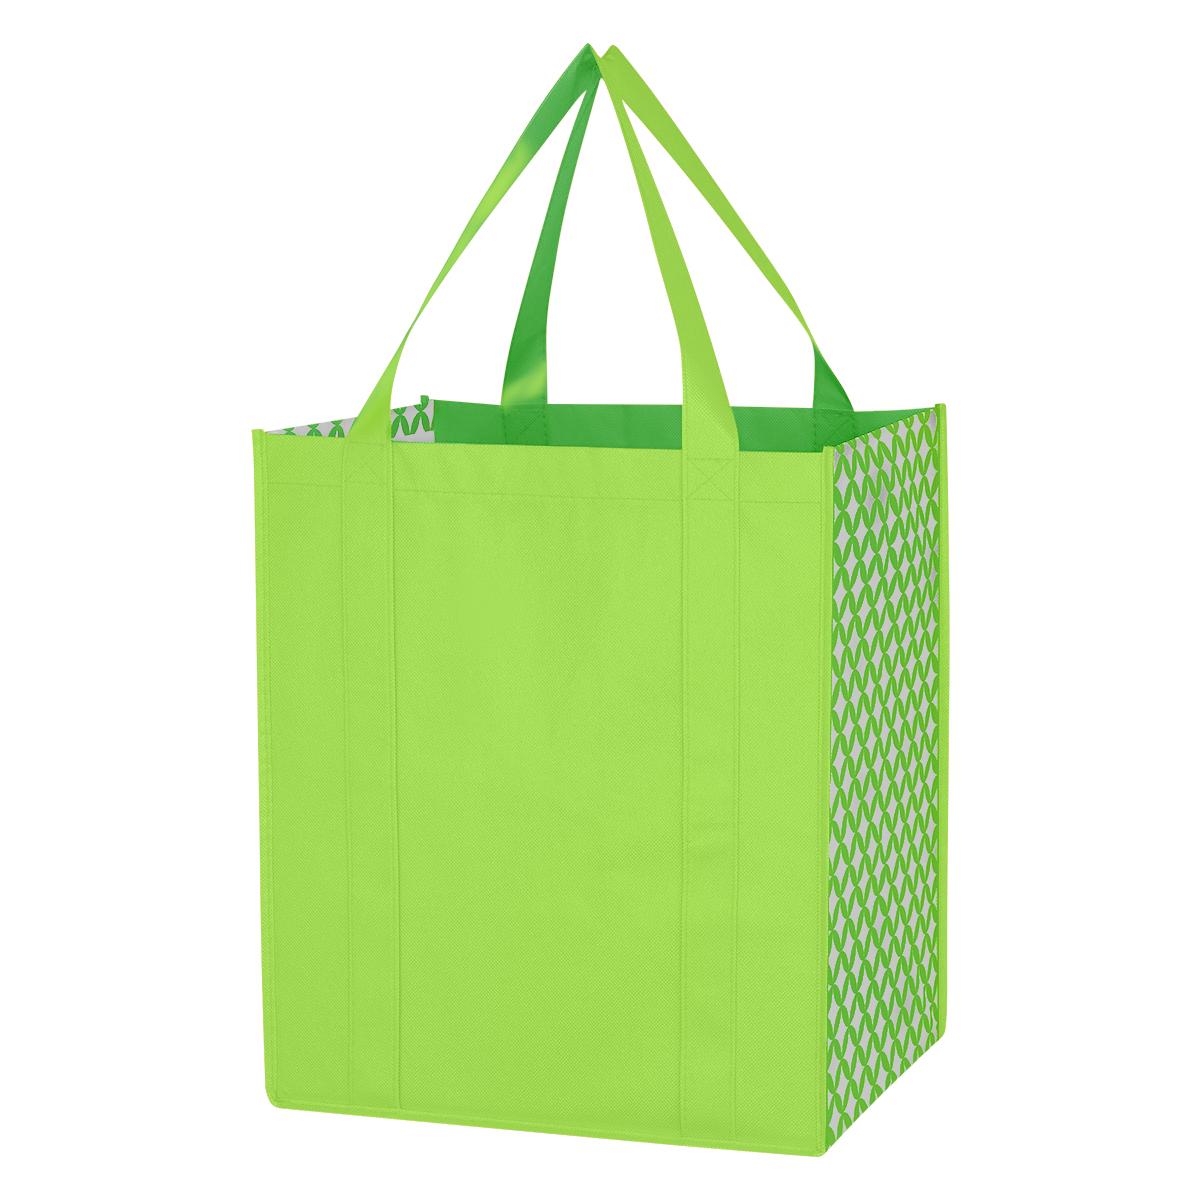 3322 - Bolsa Ecológica Reutilizable de Non-Woven 80 gr.